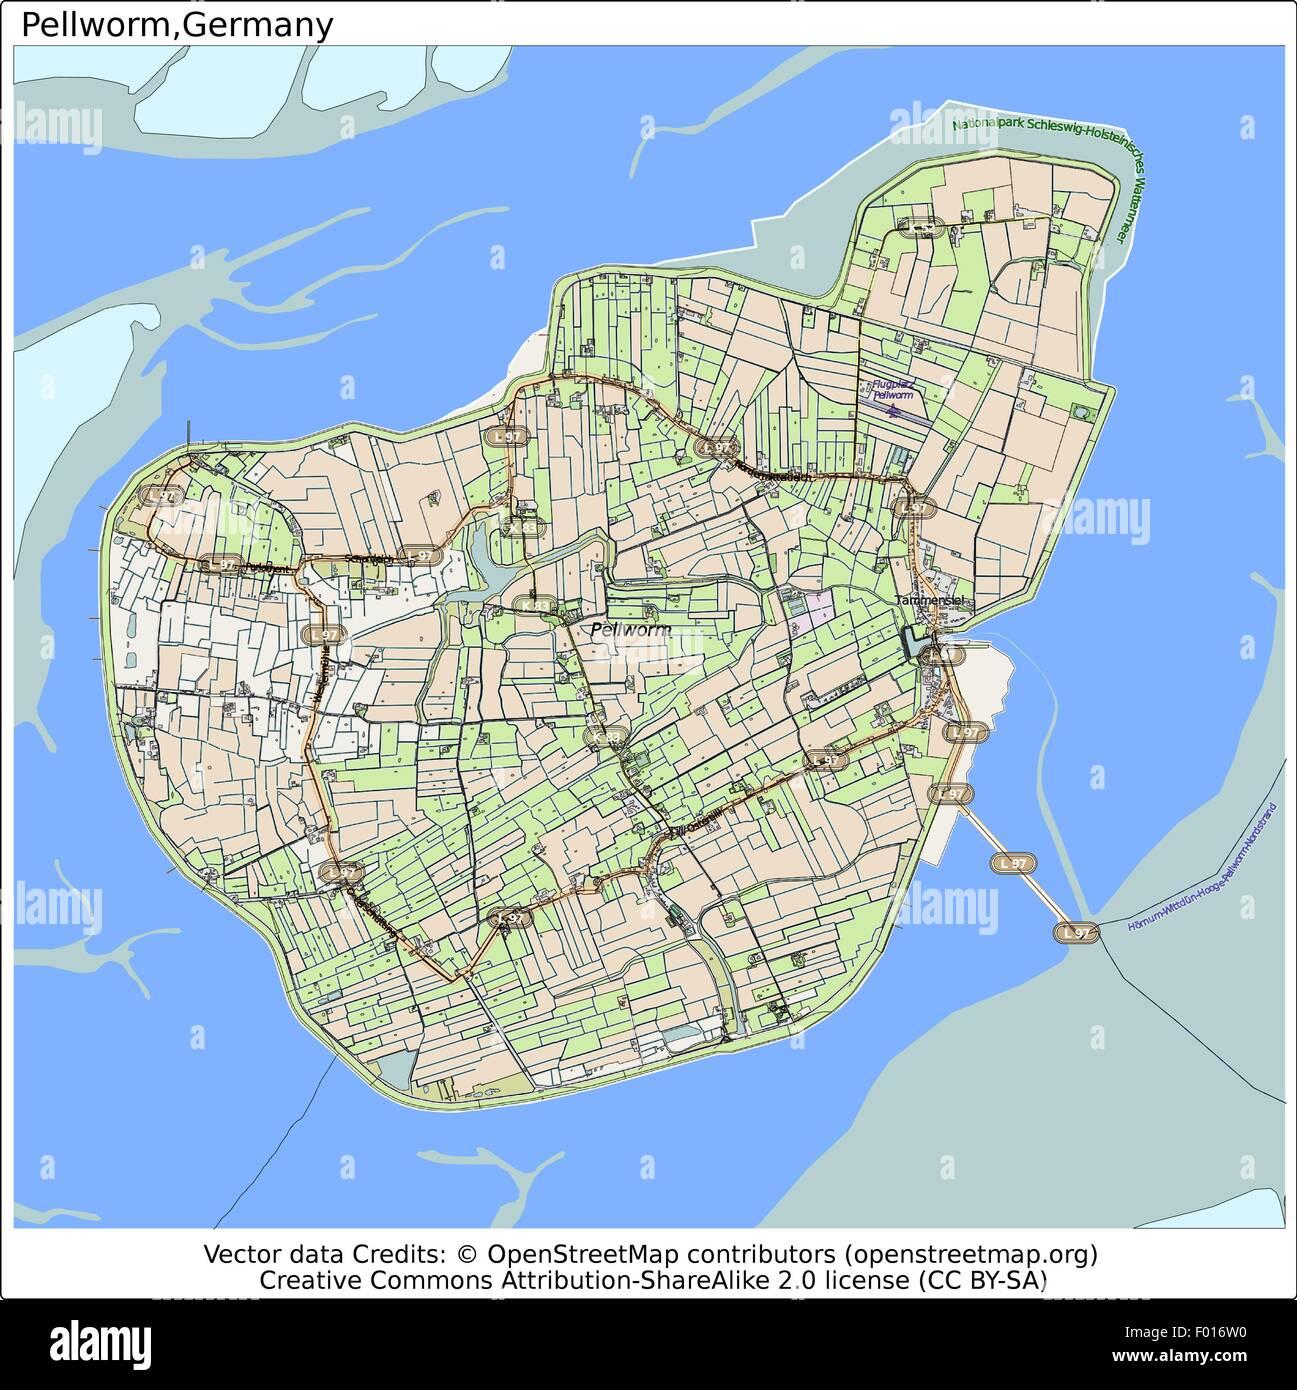 Pellworm Karte.Pellworm Insel Deutschland Stadt Karte Luftbild Vektor